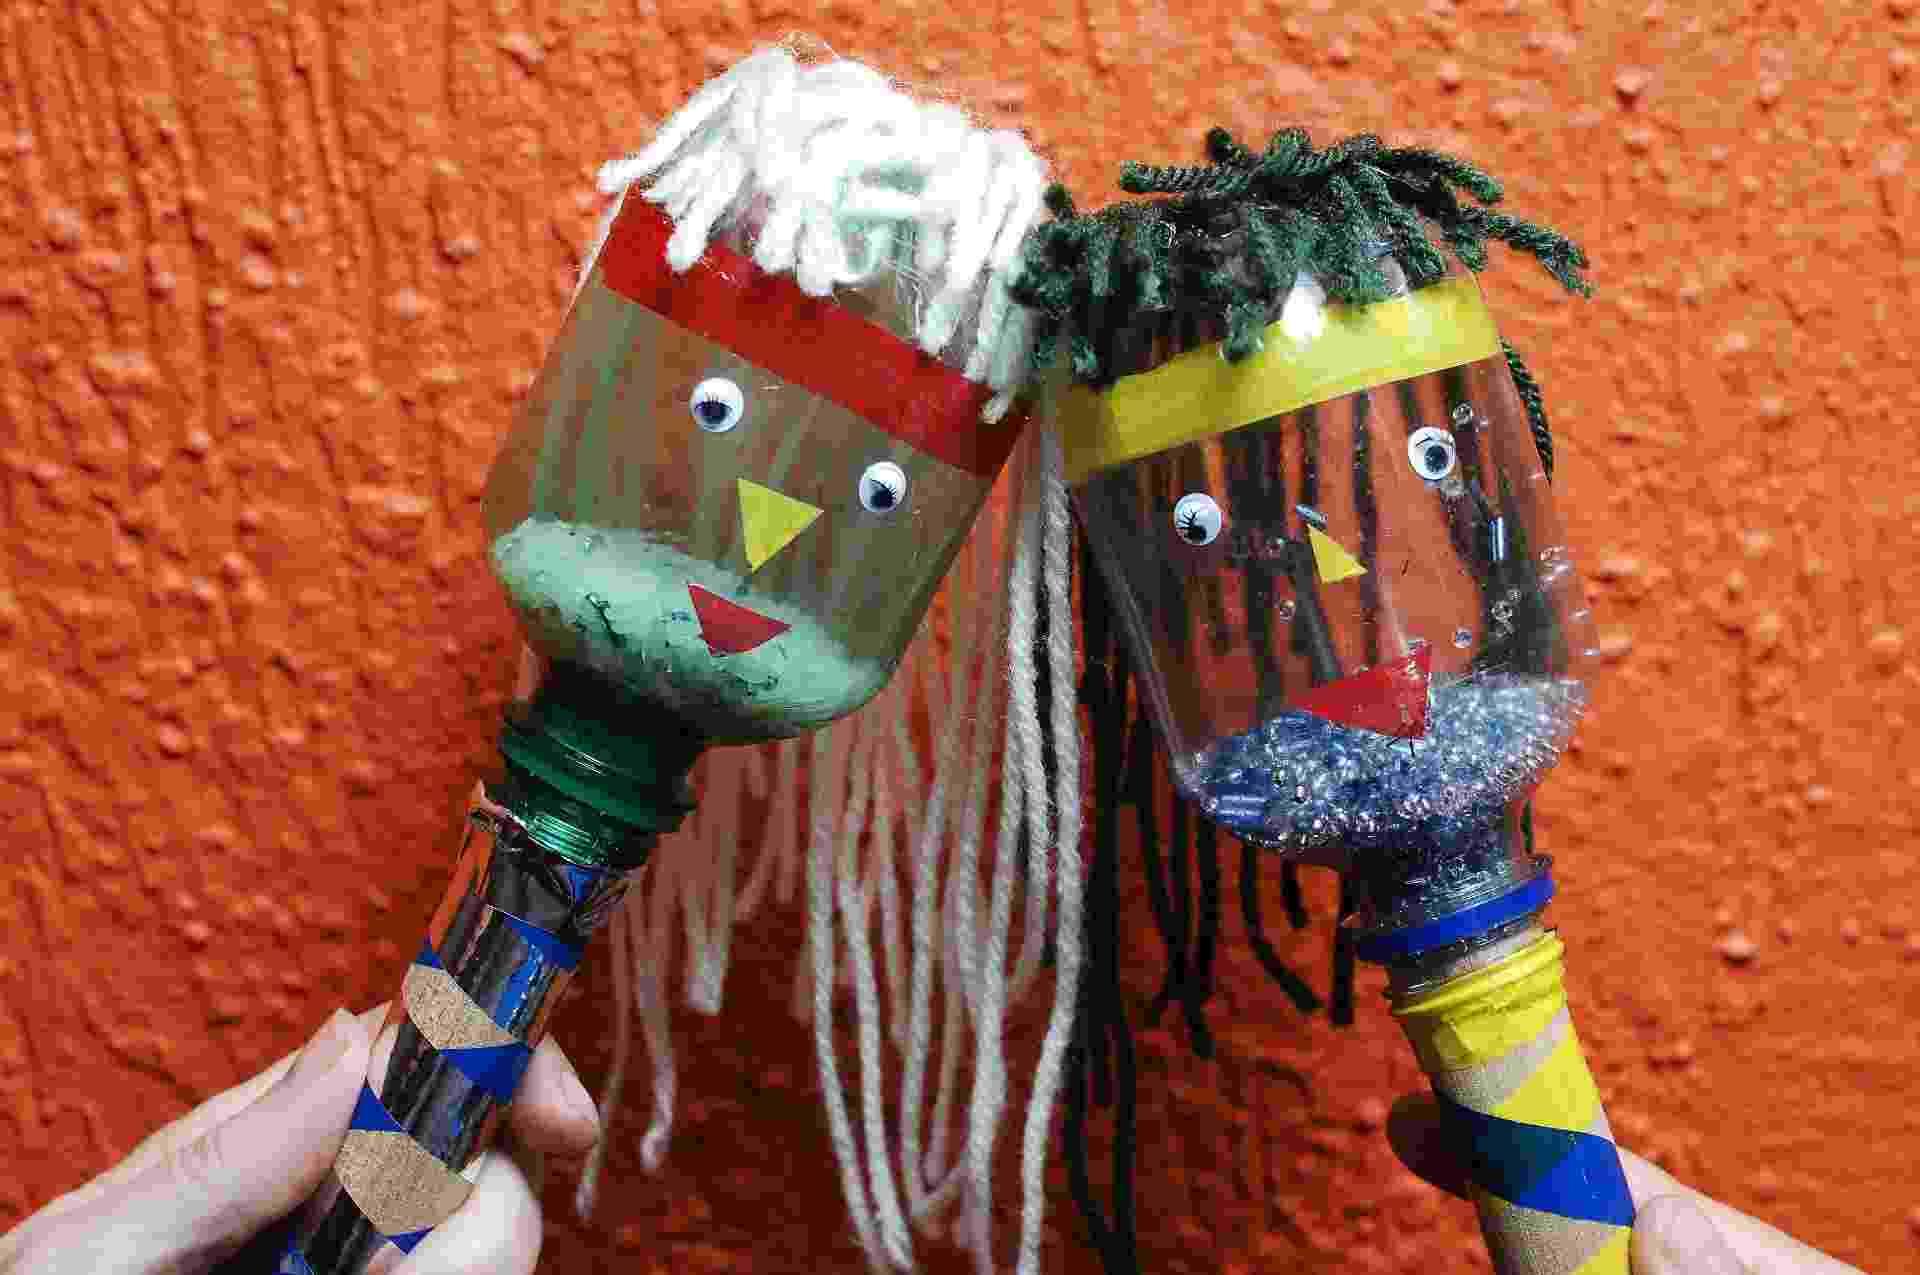 Com materiais que, normalmente, vão parar no lixo, como garrafas PET e cabos de vassoura, é possível fazer com seu filho uma maraca (instrumento musical de percussão). A pedagoga Débora Wolf, da Brinque Lobinho (www.brinquelobinho.com.br), empresa especializada em oficina de brinquedos com sucata, mostra a seguir como é simples fazer uma | Silvana Maria Rosso - Do UOL, em São Paulo - Reinaldo Canato/UOL